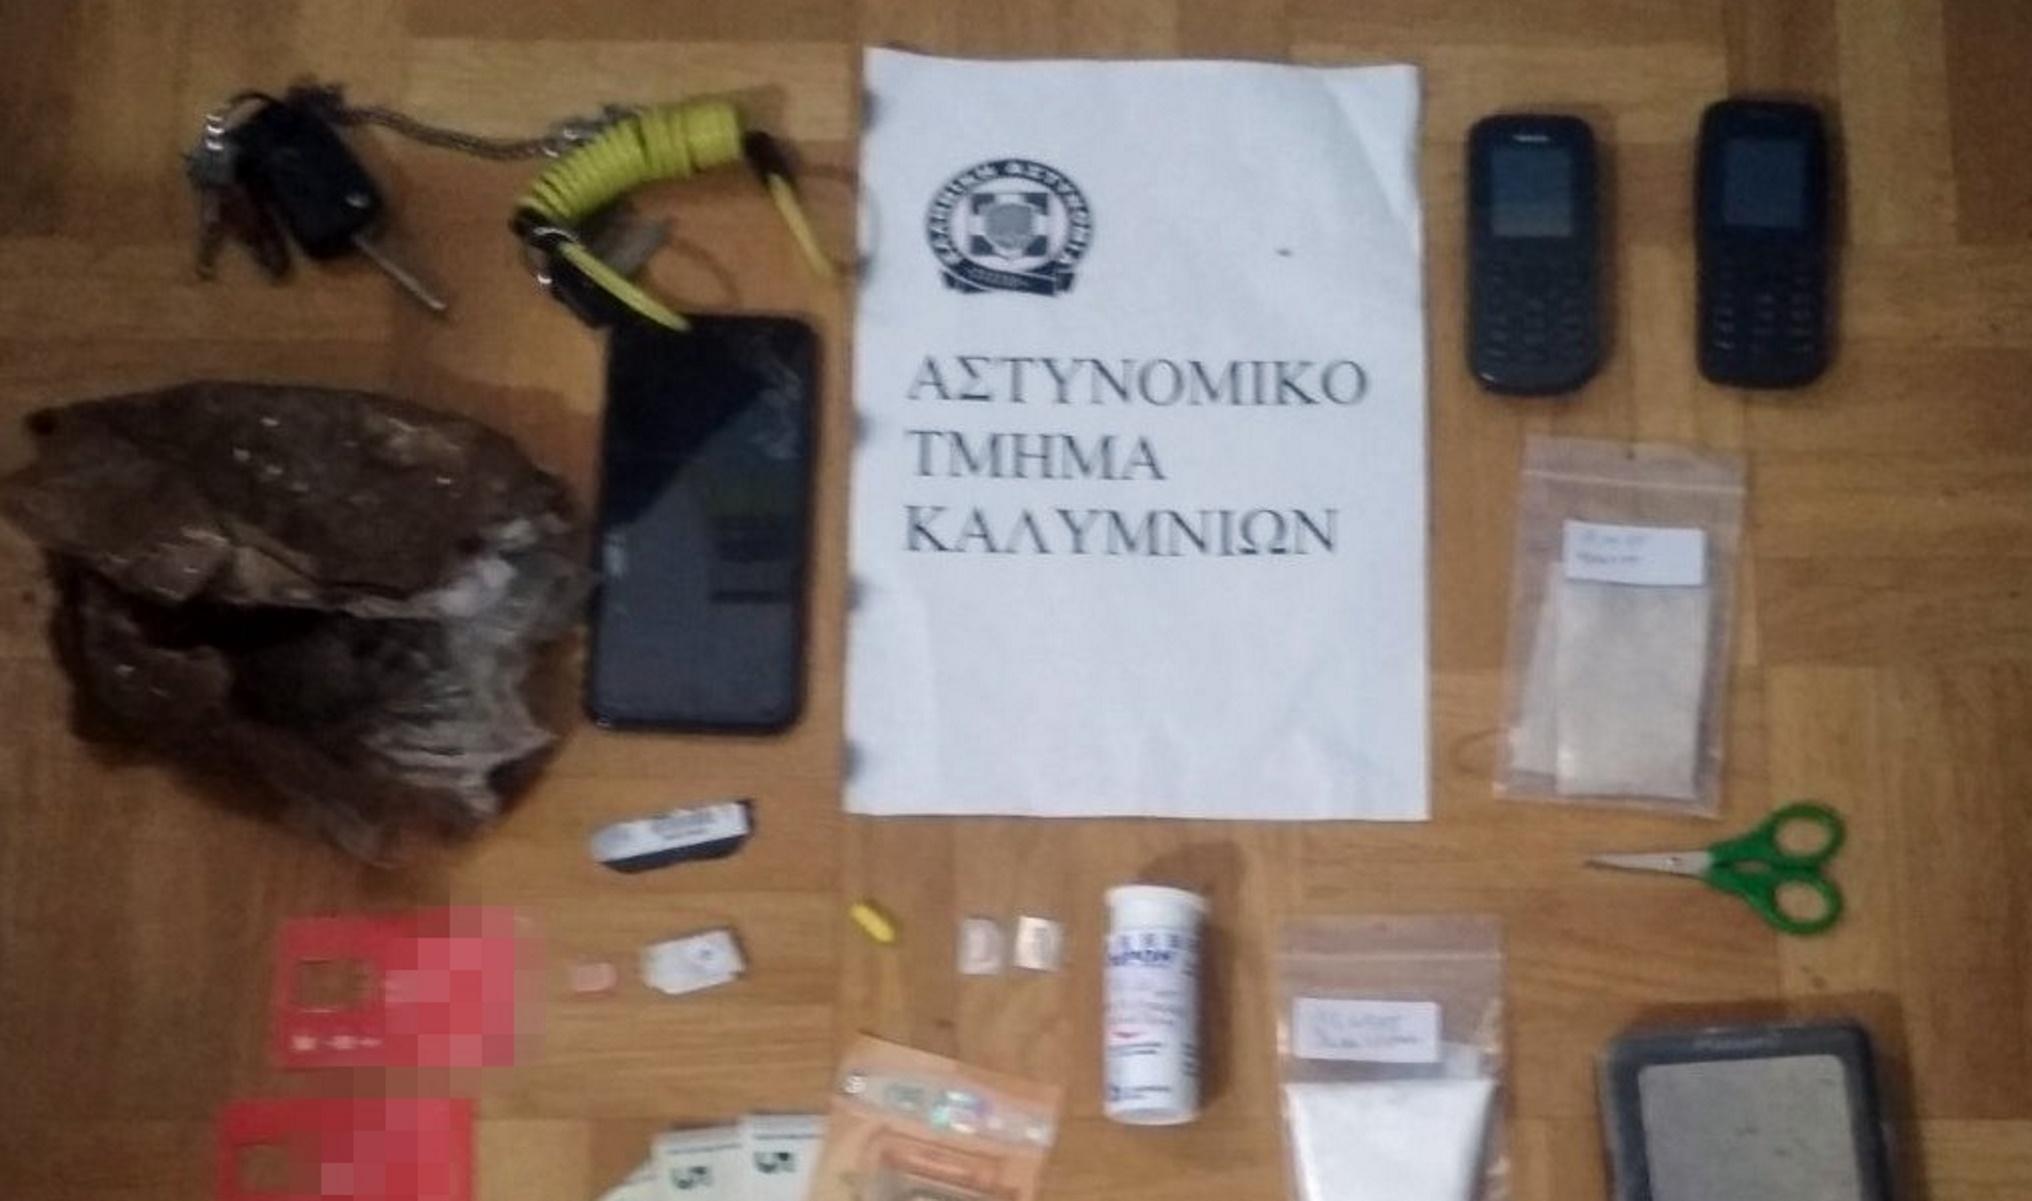 Κάλυμνος: «Ψάρεψαν» δύο κυκλώματα διακίνησης κοκαΐνης, ηρωίνης και χασίς (pics)